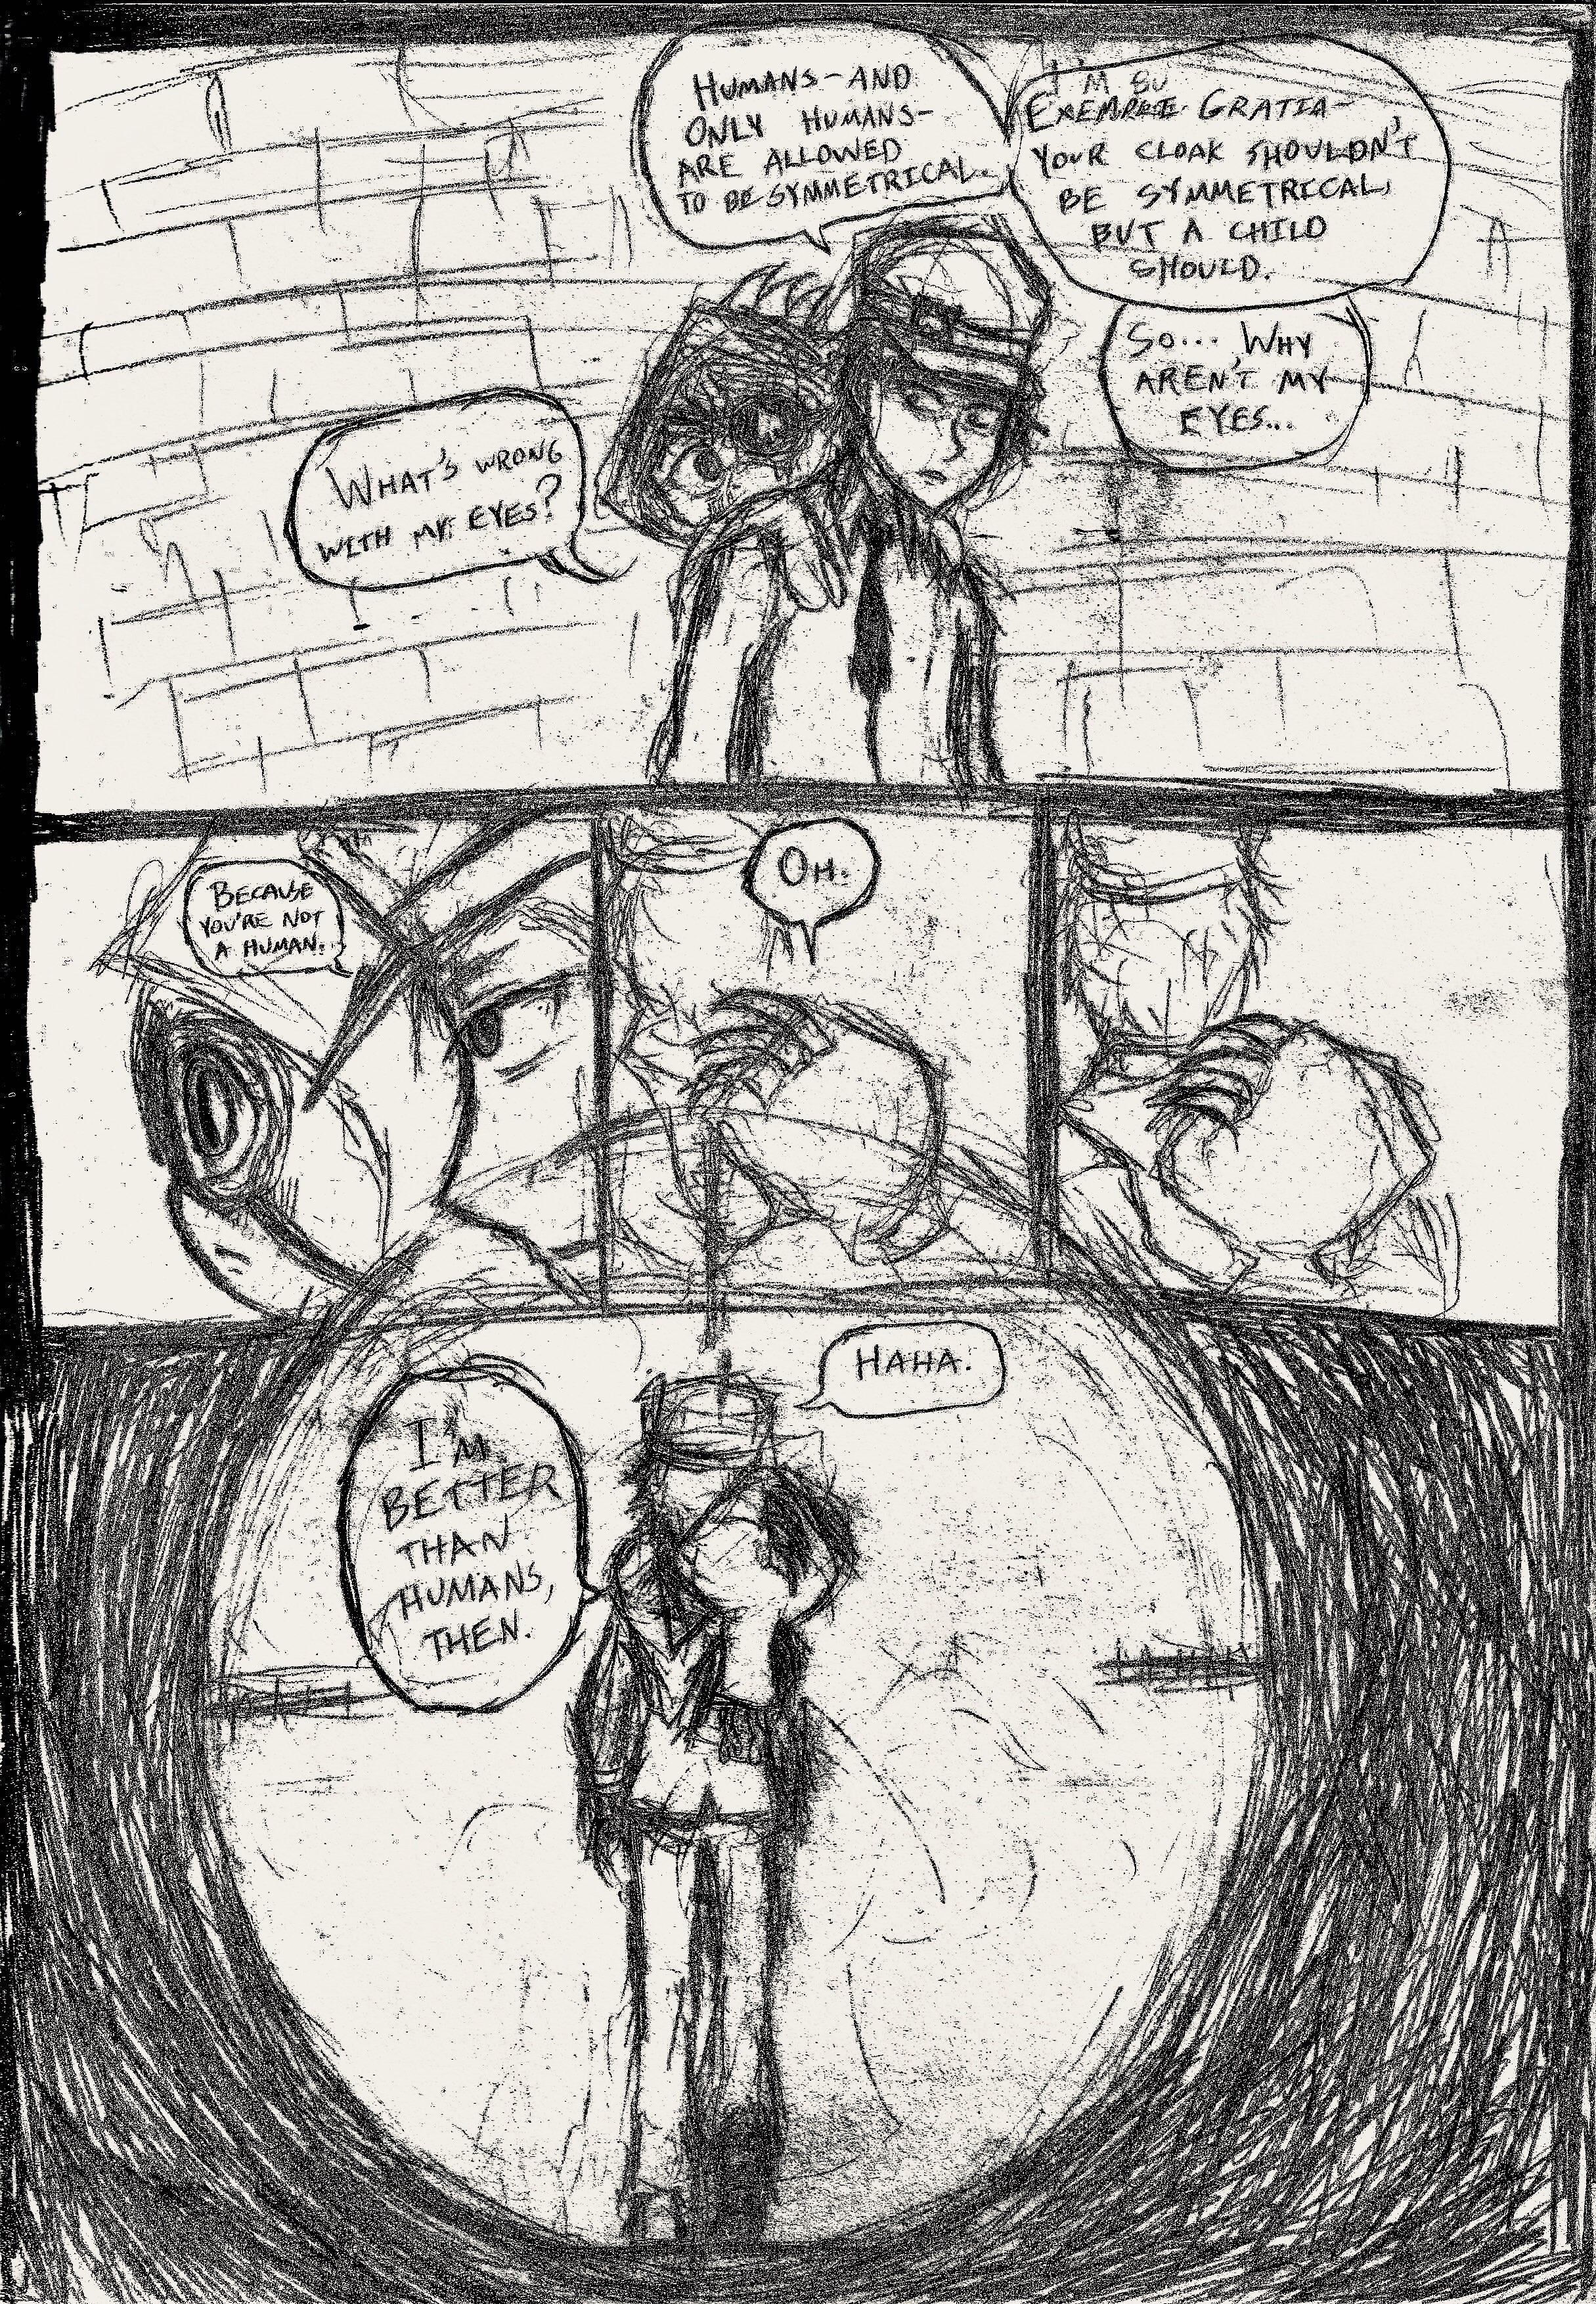 138. Inhumanity